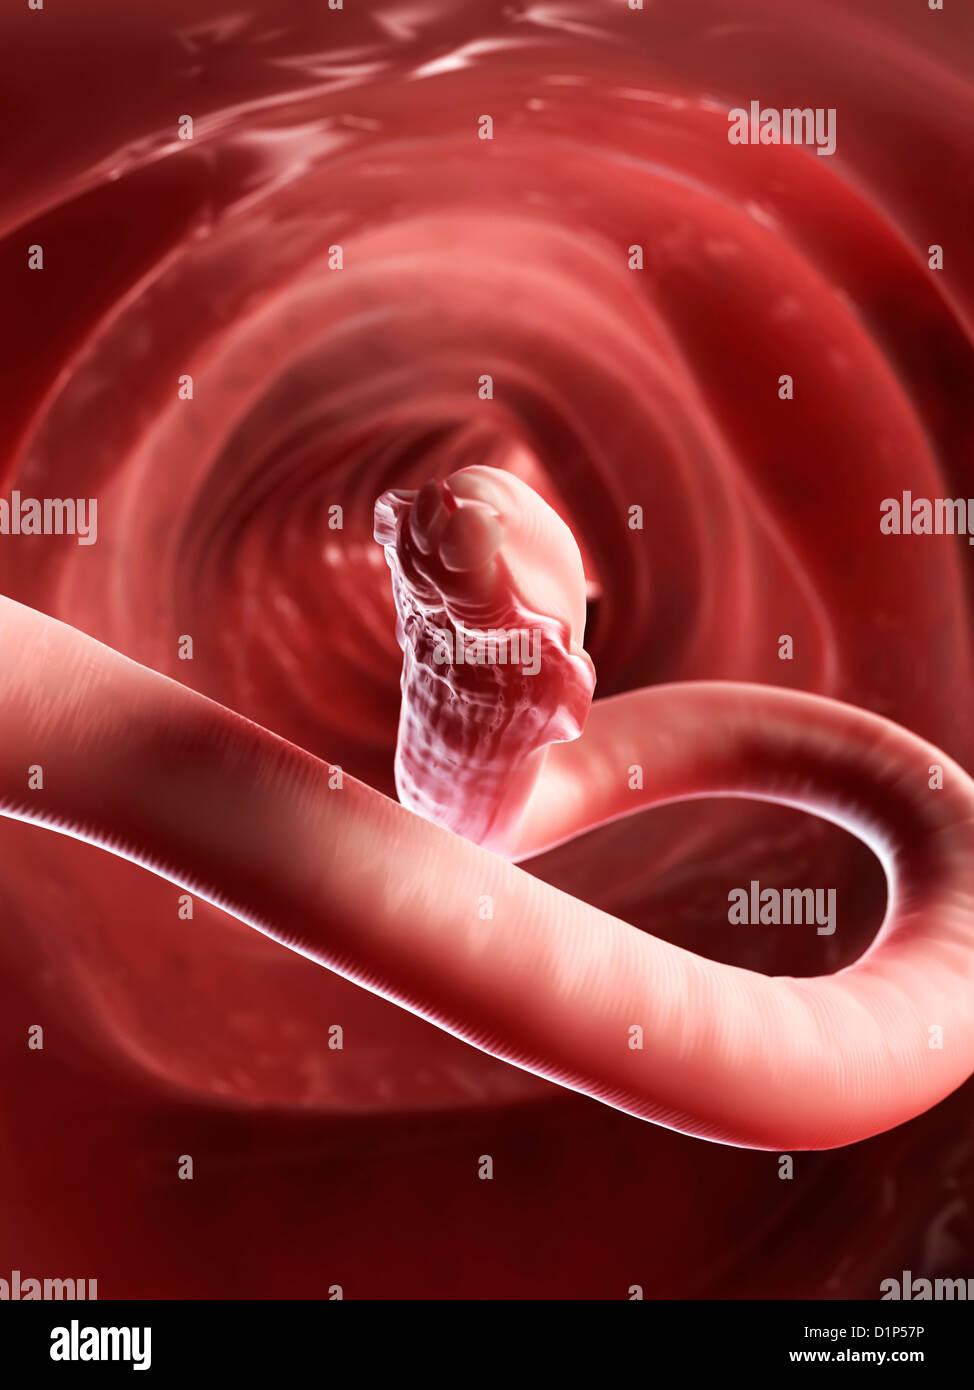 Roundworm, artwork - Stock Image